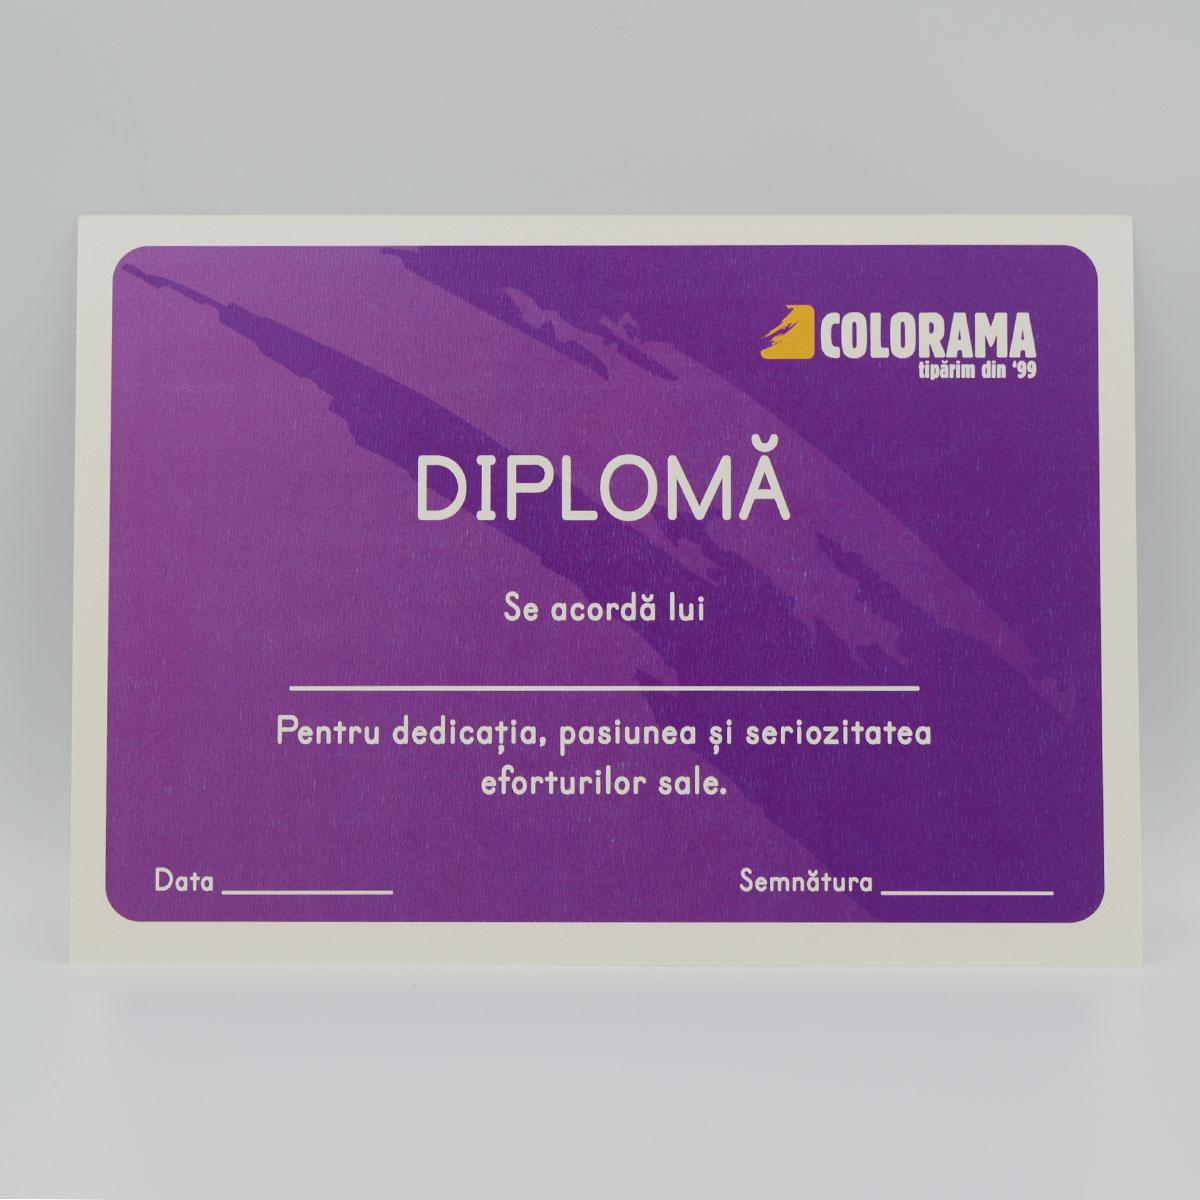 Diplomă de Paște | Student certificates, Diploma, Preschool